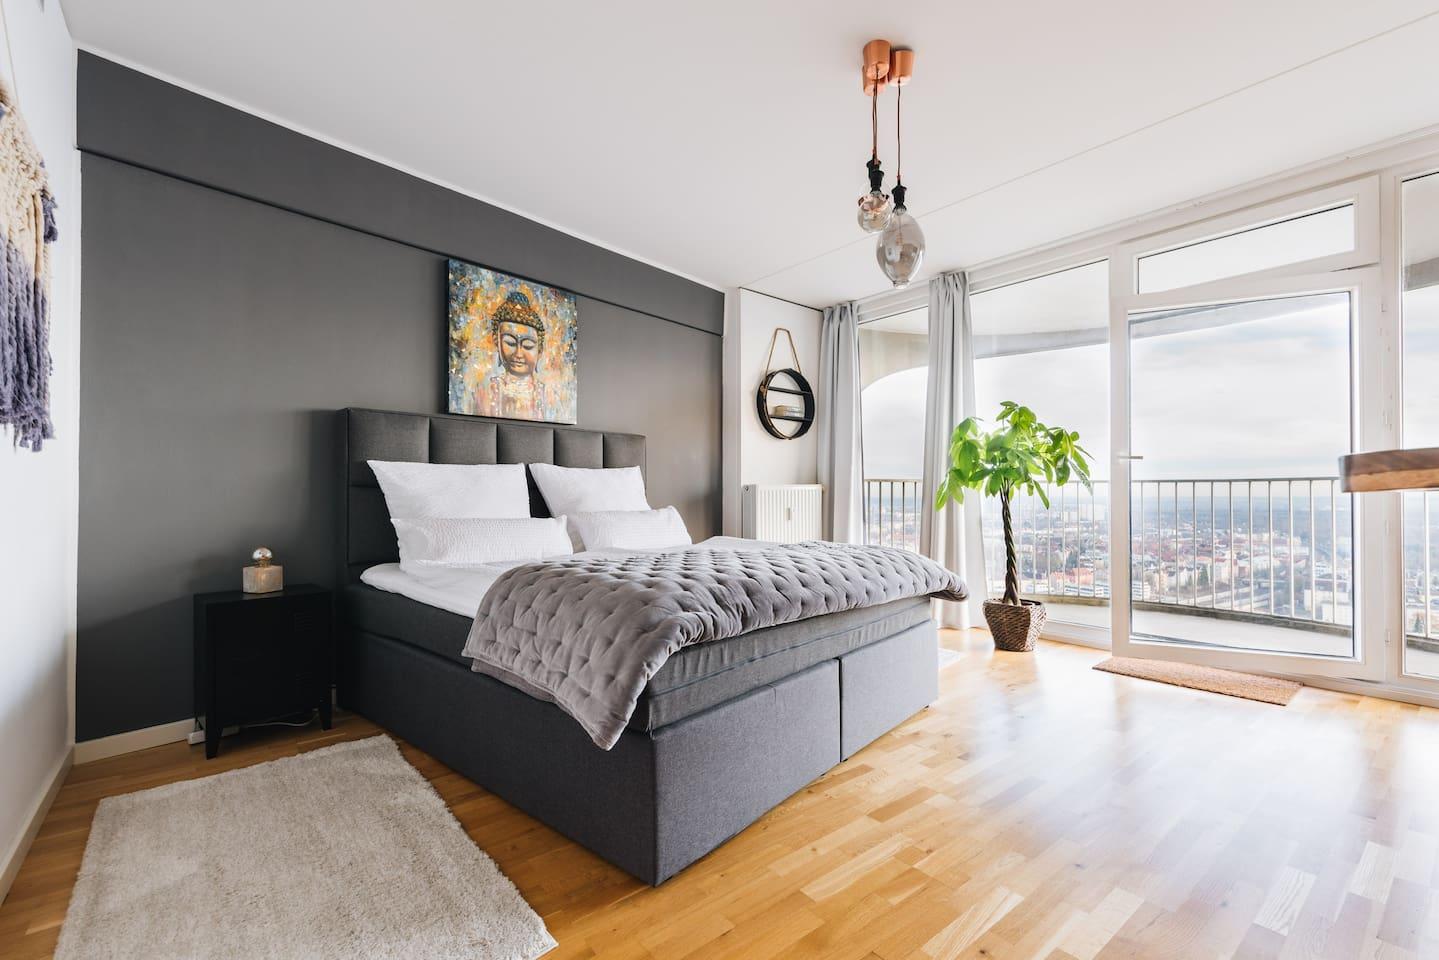 King-size Boxspringbett (180 cm x 2oo cm) als Highlight im lichtdurchfluteten Appartement.